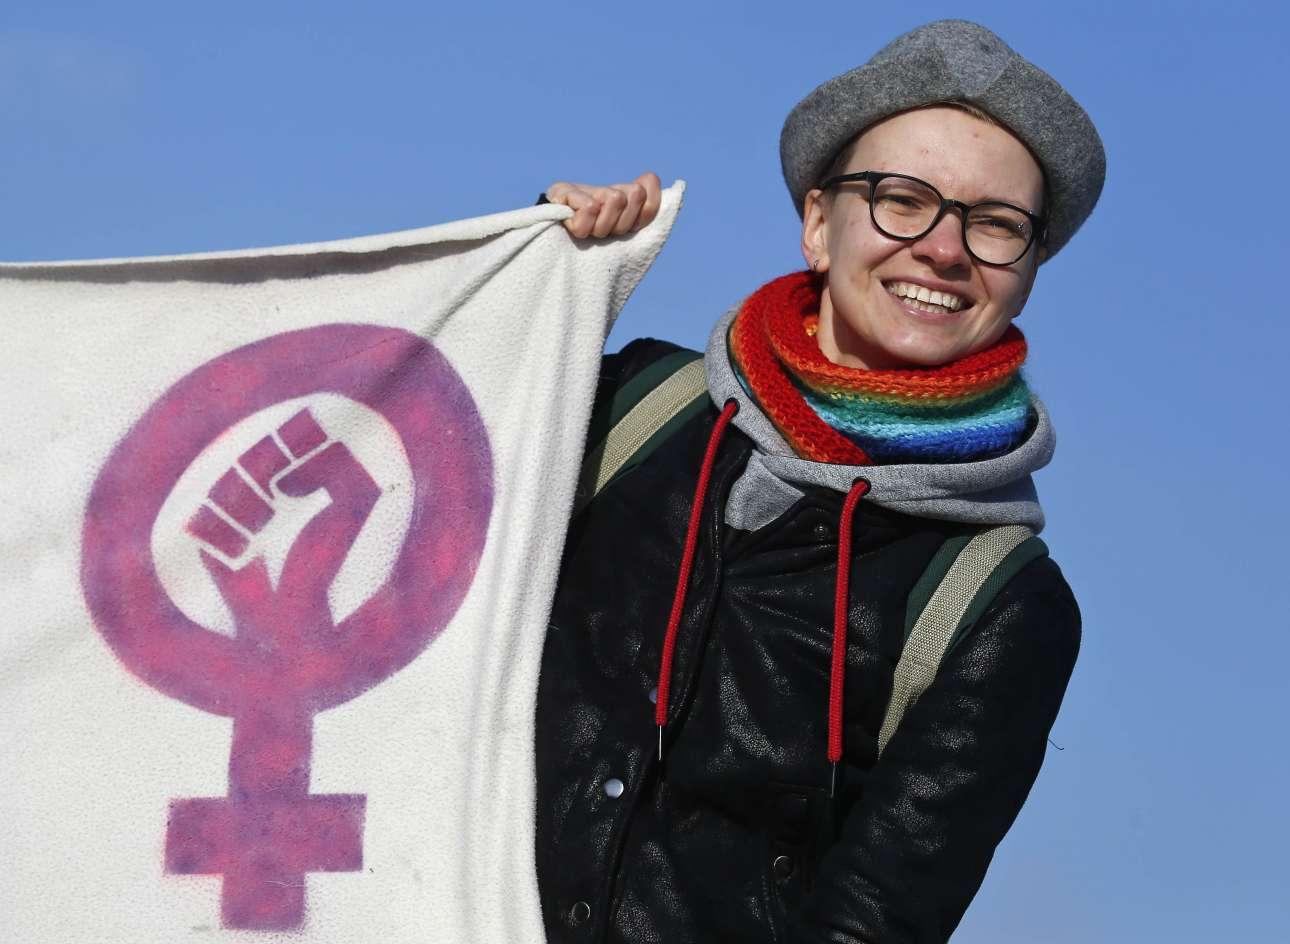 Διαδηλώτρια στην Αγία Πετρούπολη, σε συγκέντρωση κατά της βίας κατά των γυναικών